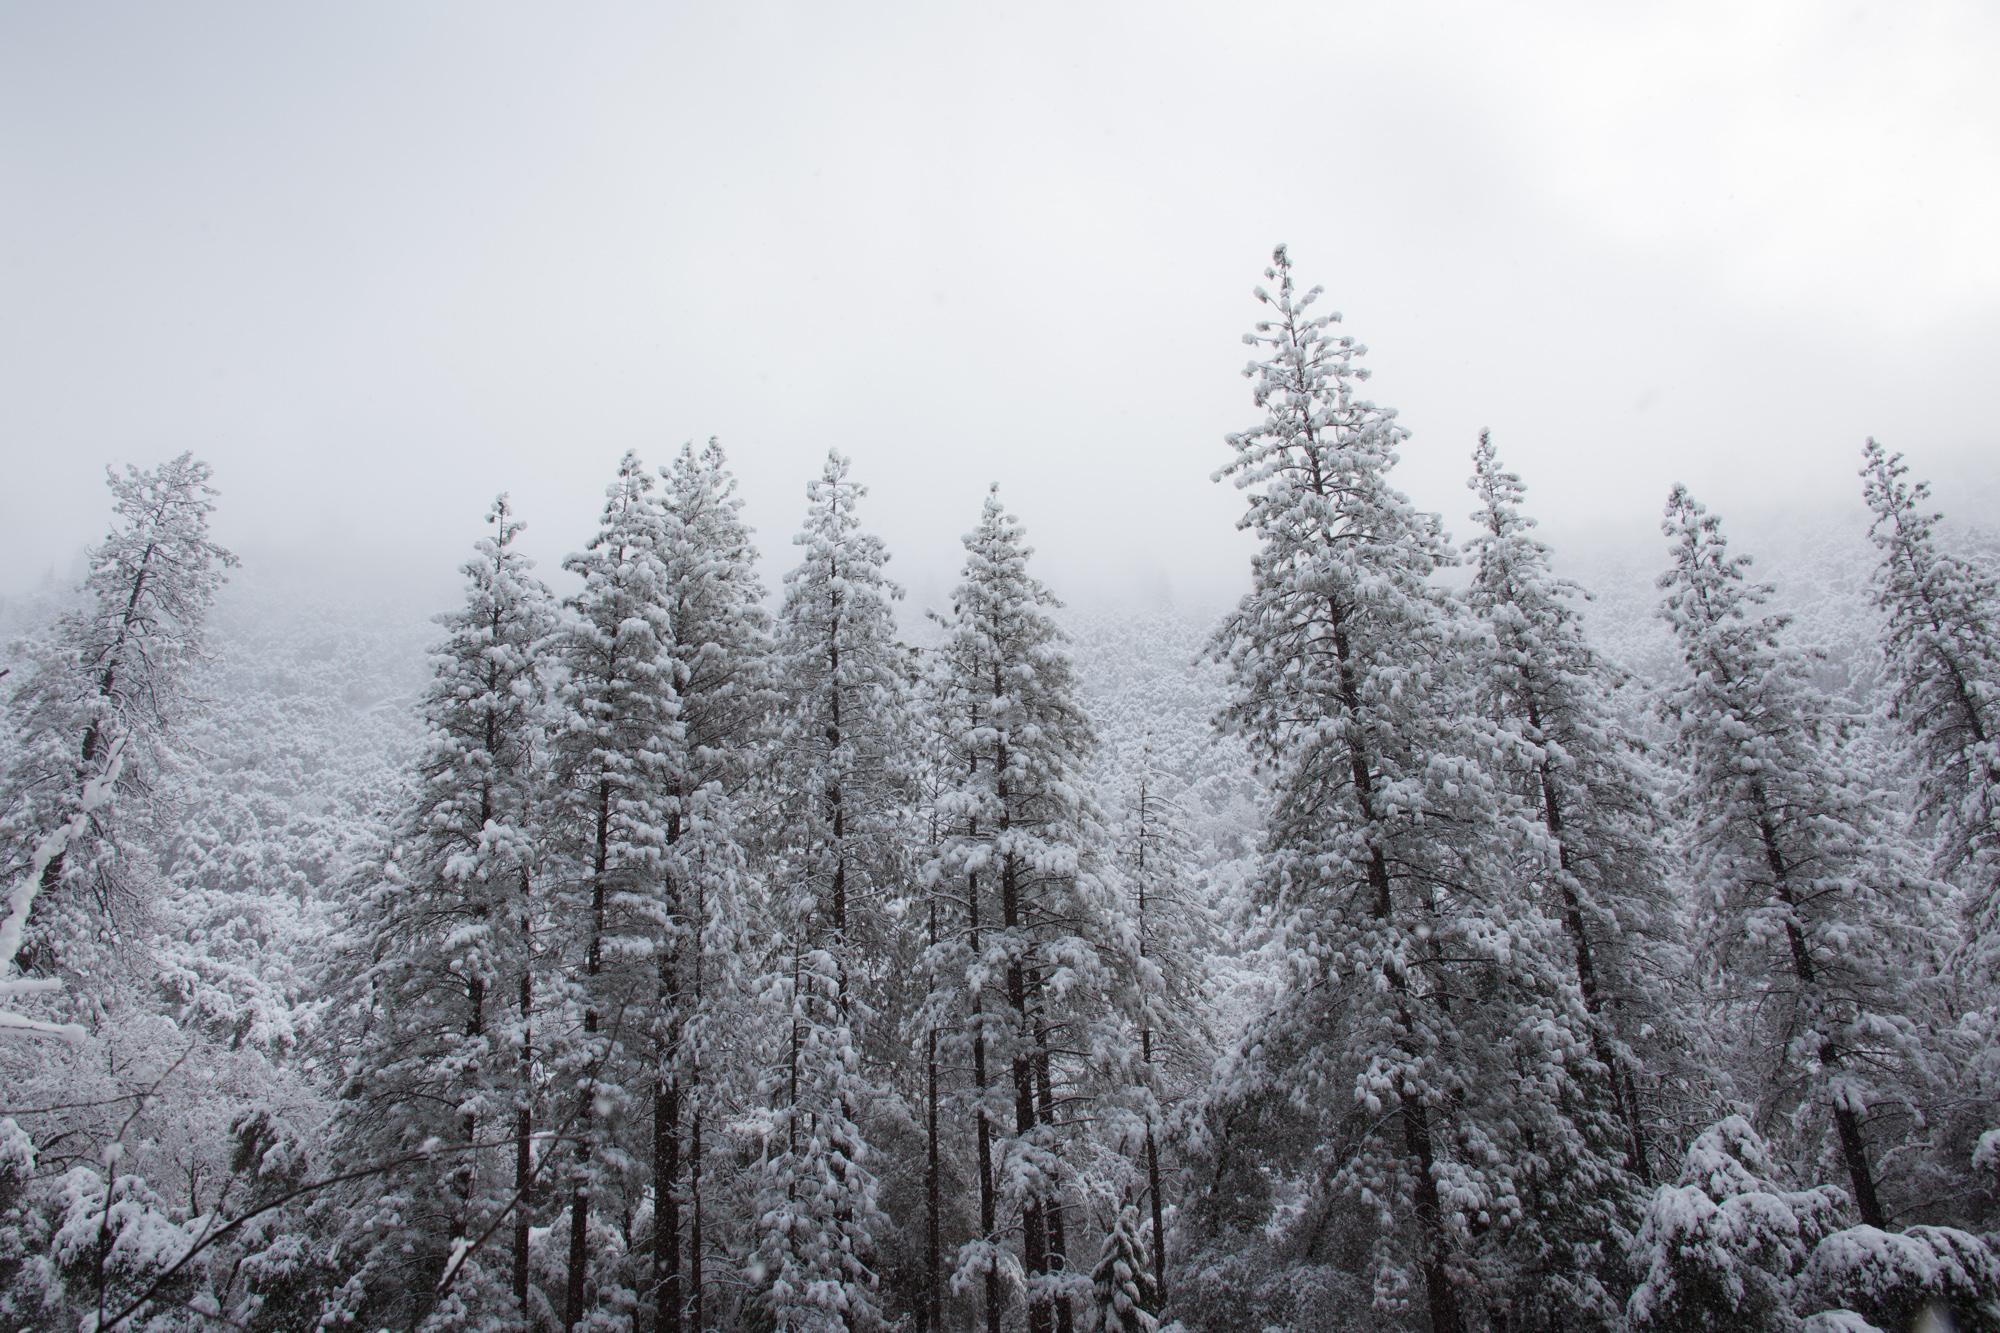 2019-02 Yosemite-3.jpg